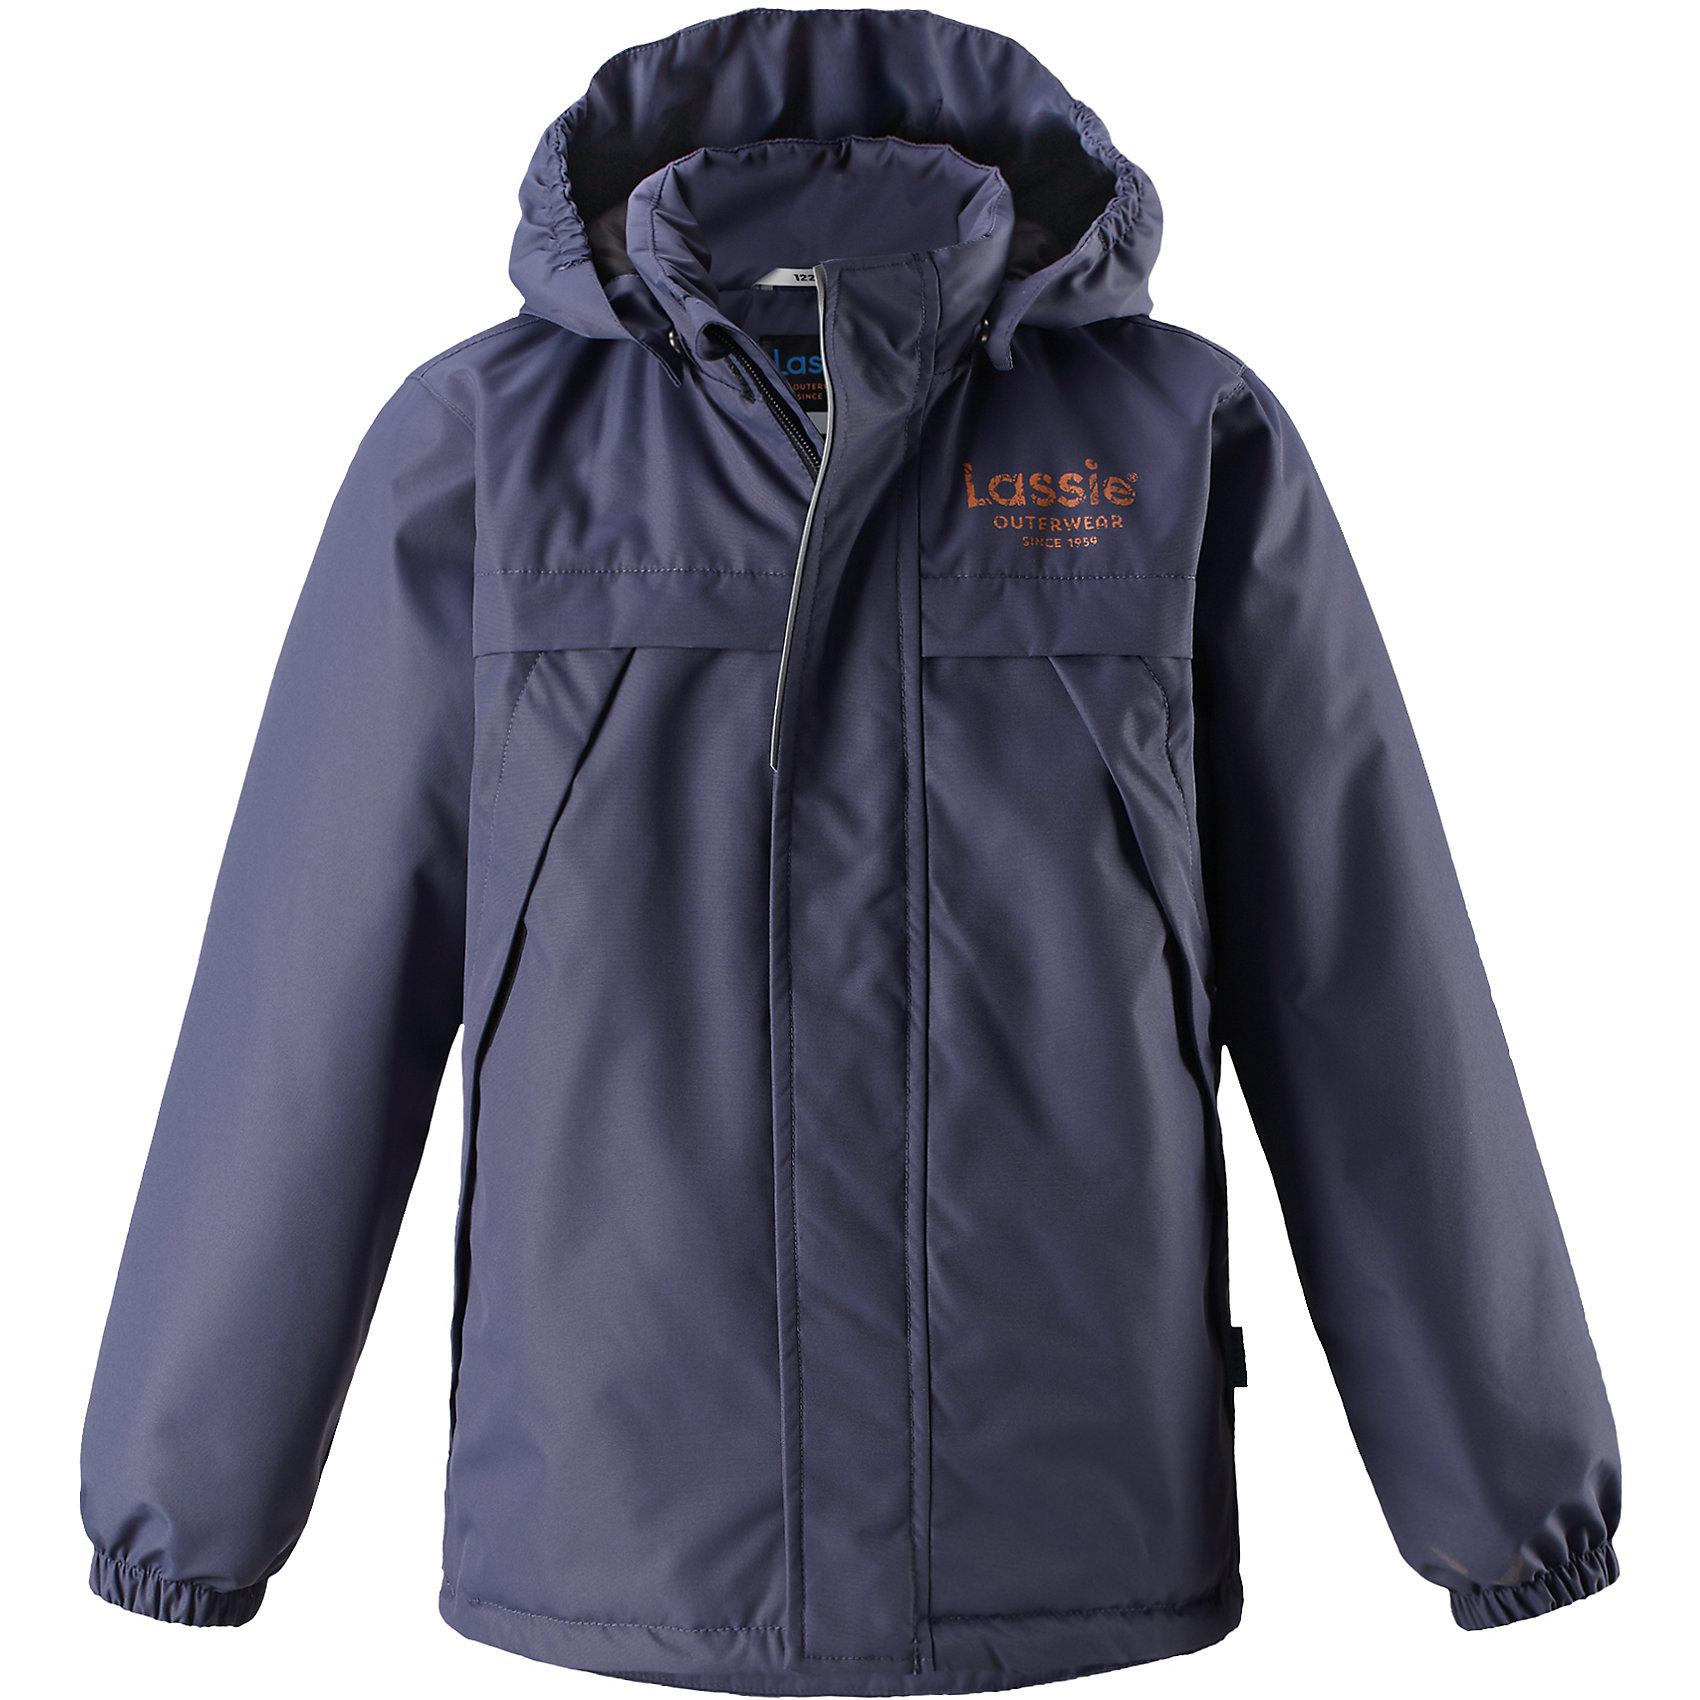 Куртка  для мальчика LASSIEОдежда<br>Куртка  для мальчика LASSIE<br>Состав:<br>100% Полиэстер, полиуретановое покрытие<br> Куртка демисезонная для детей<br> Водоотталкивающий, ветронепроницаемый и «дышащий» материал<br> Гладкая подкладка из полиэстра<br> Легкая степень утепления<br> Безопасный, съемный капюшон<br> Эластичные манжеты<br> Регулируемый подол<br> Передние карманы<br><br>Ширина мм: 356<br>Глубина мм: 10<br>Высота мм: 245<br>Вес г: 519<br>Цвет: серый<br>Возраст от месяцев: 48<br>Возраст до месяцев: 60<br>Пол: Мужской<br>Возраст: Детский<br>Размер: 98,110,104,92,140,134,128,122,116<br>SKU: 5265100